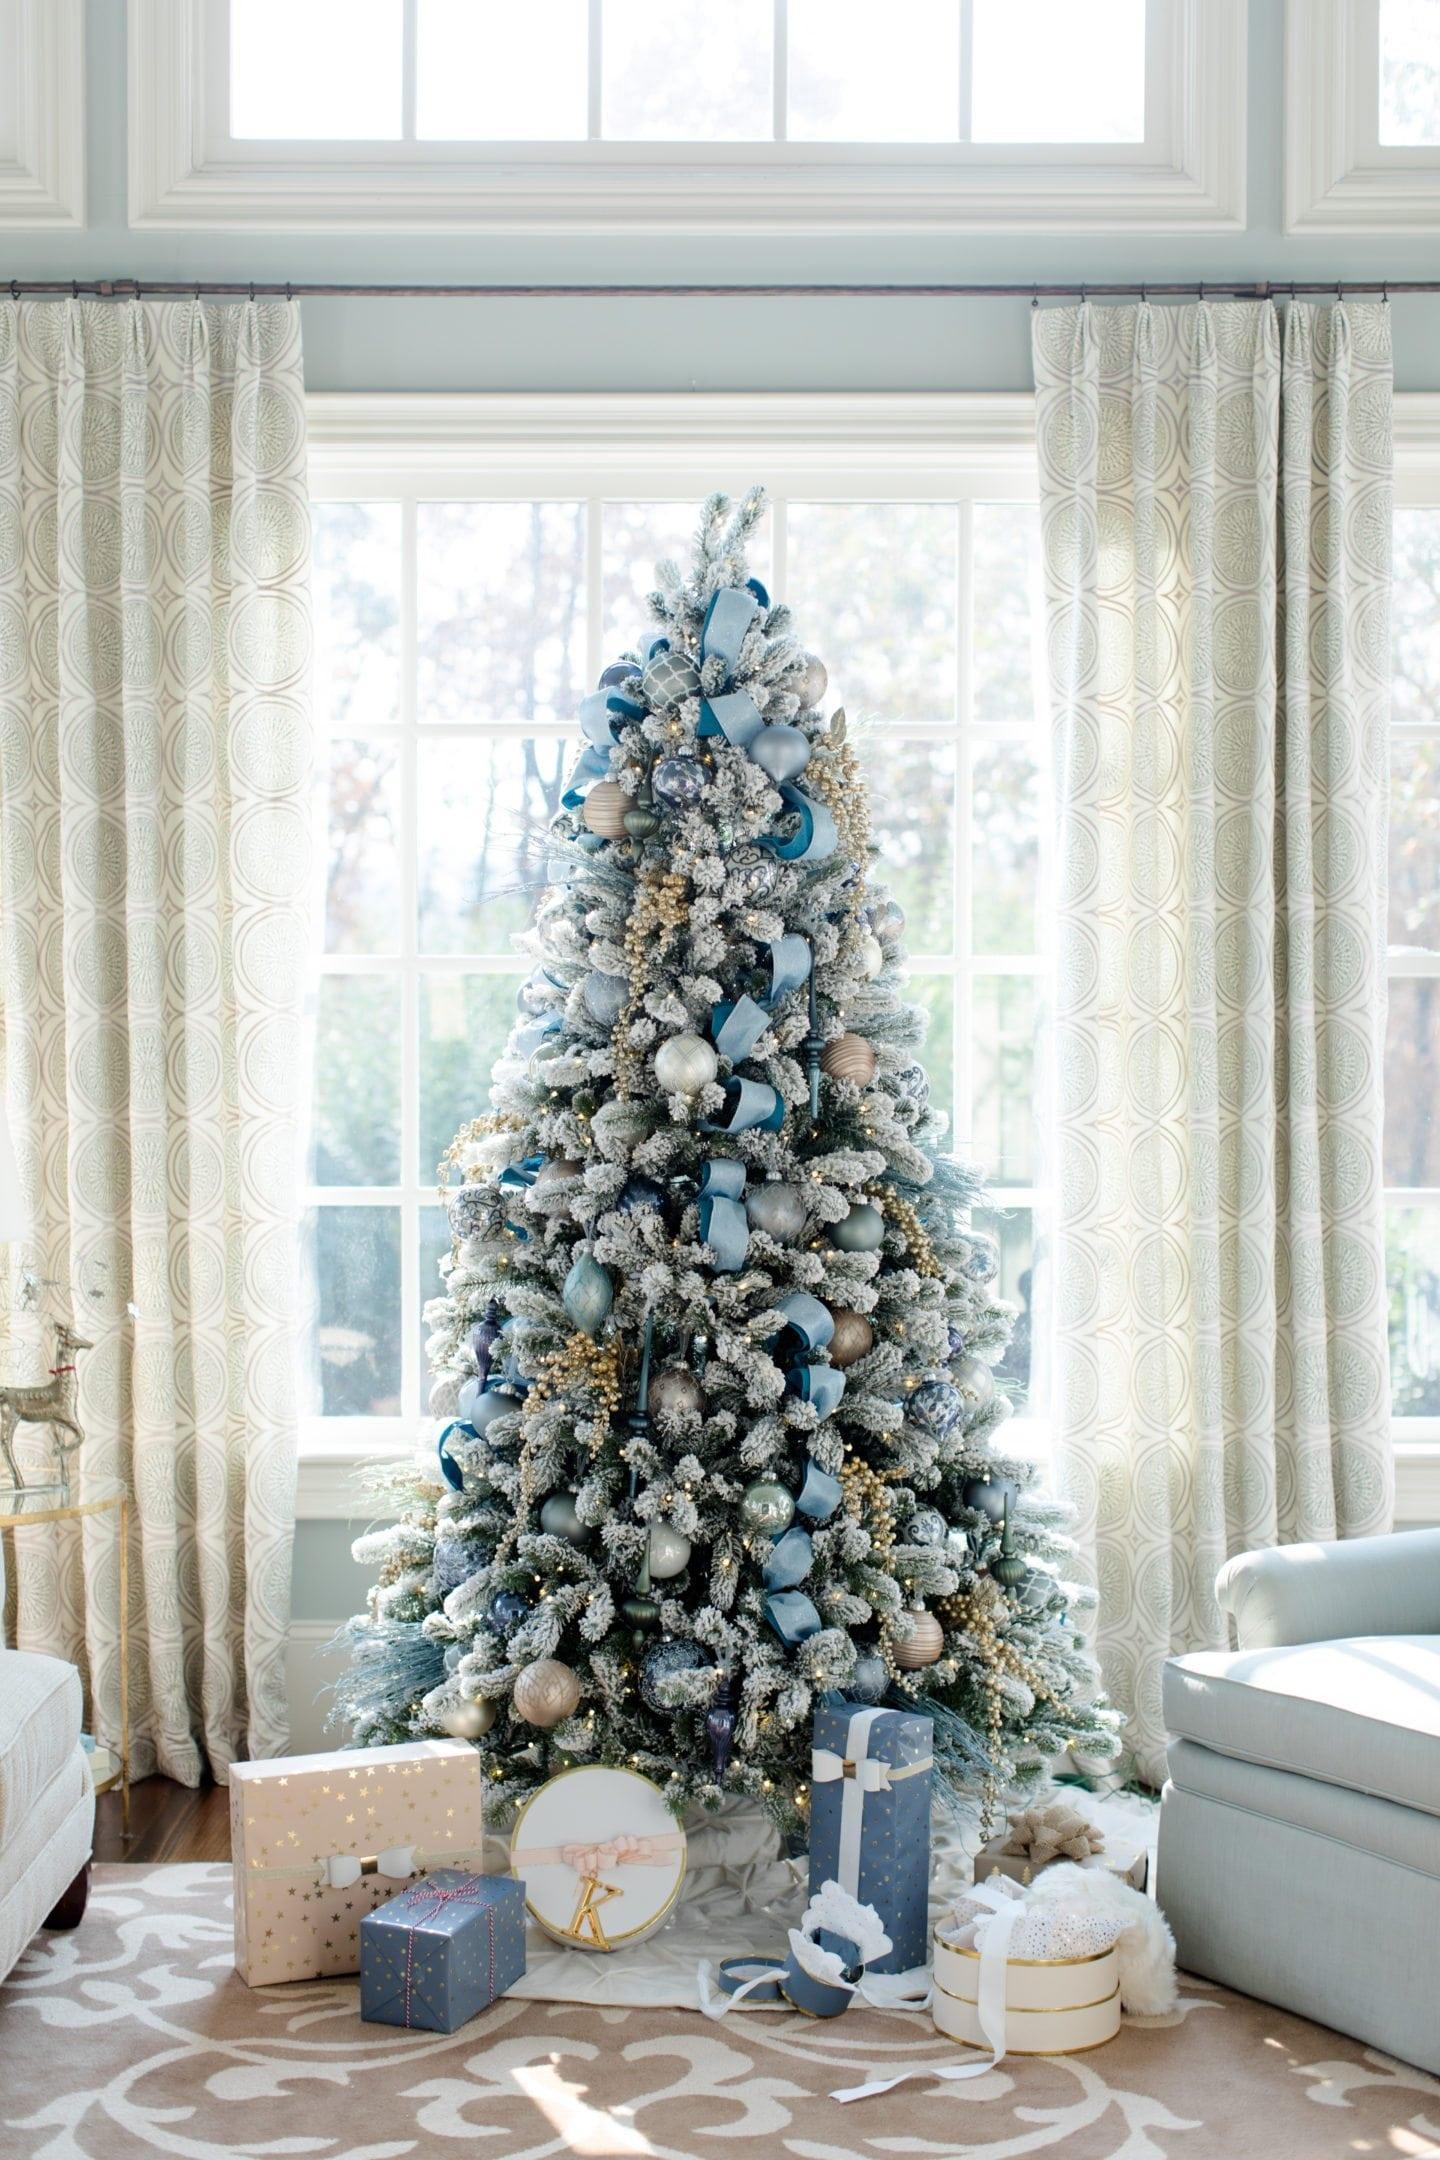 Χριστουγεννιάτικη διακόσμηση σε μπλέ και ασημί